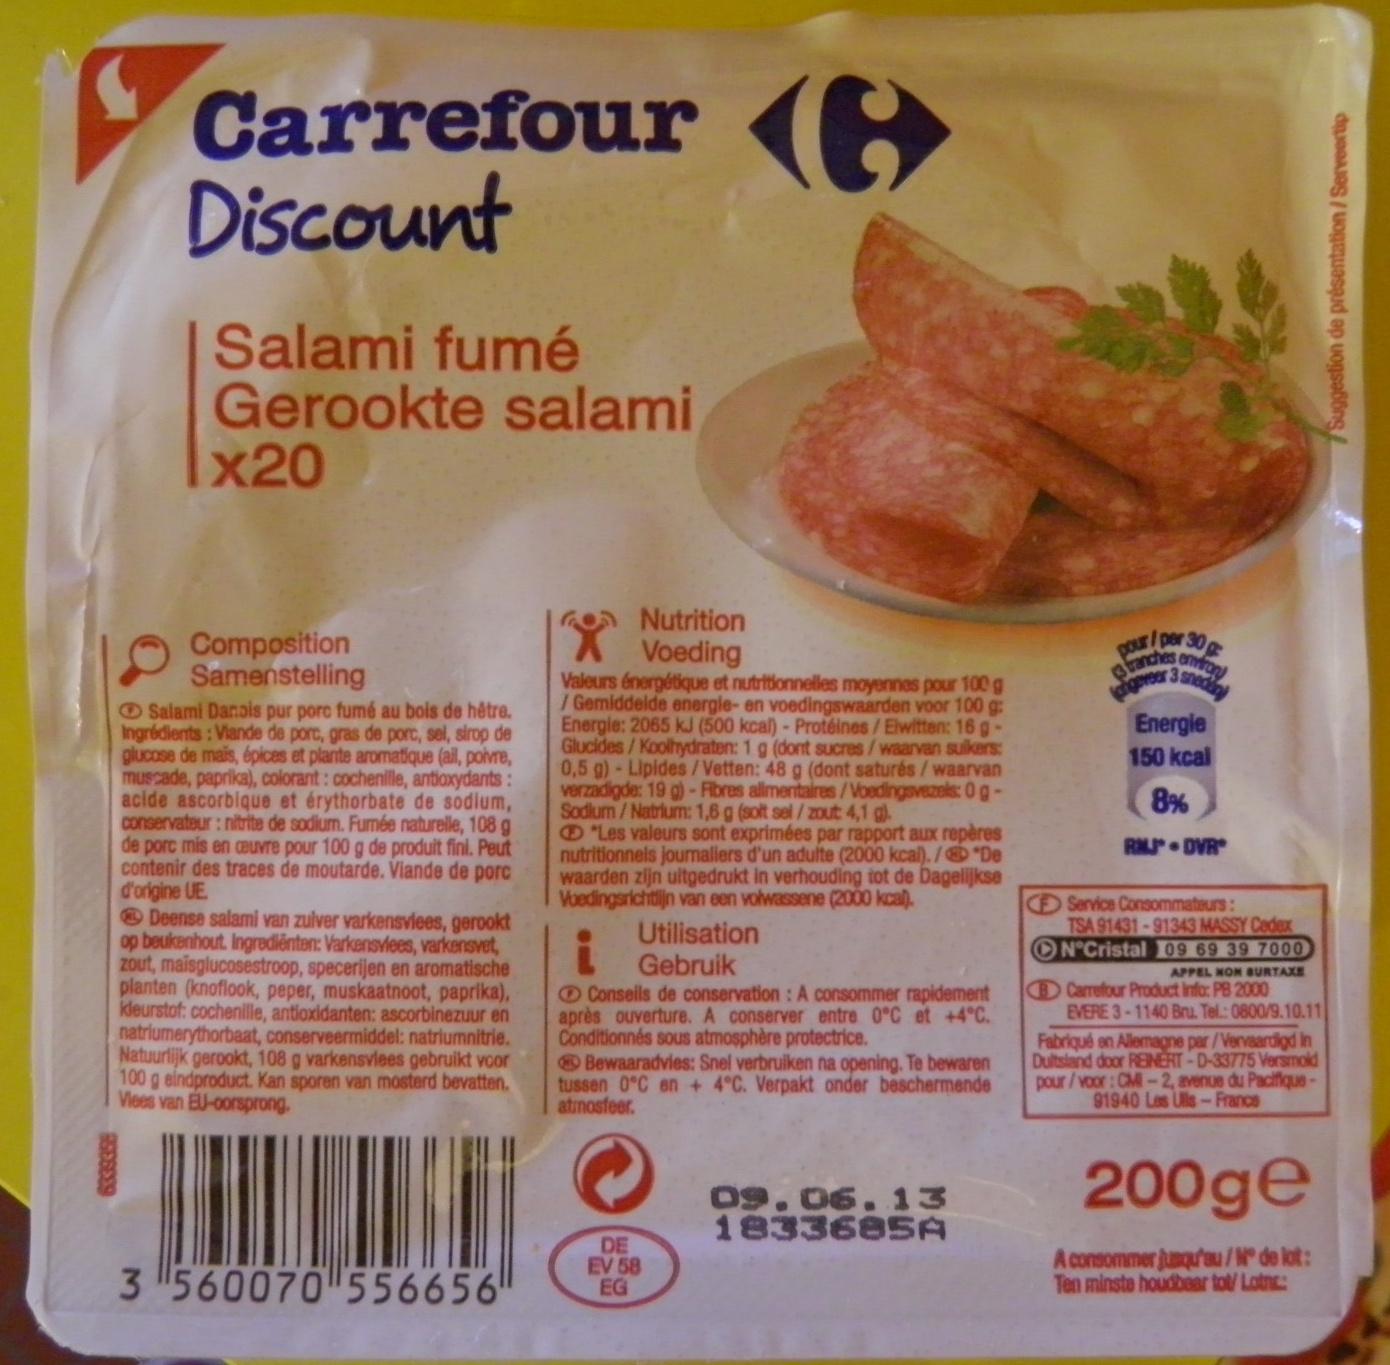 Salami fumé Carrefour Discount - Product